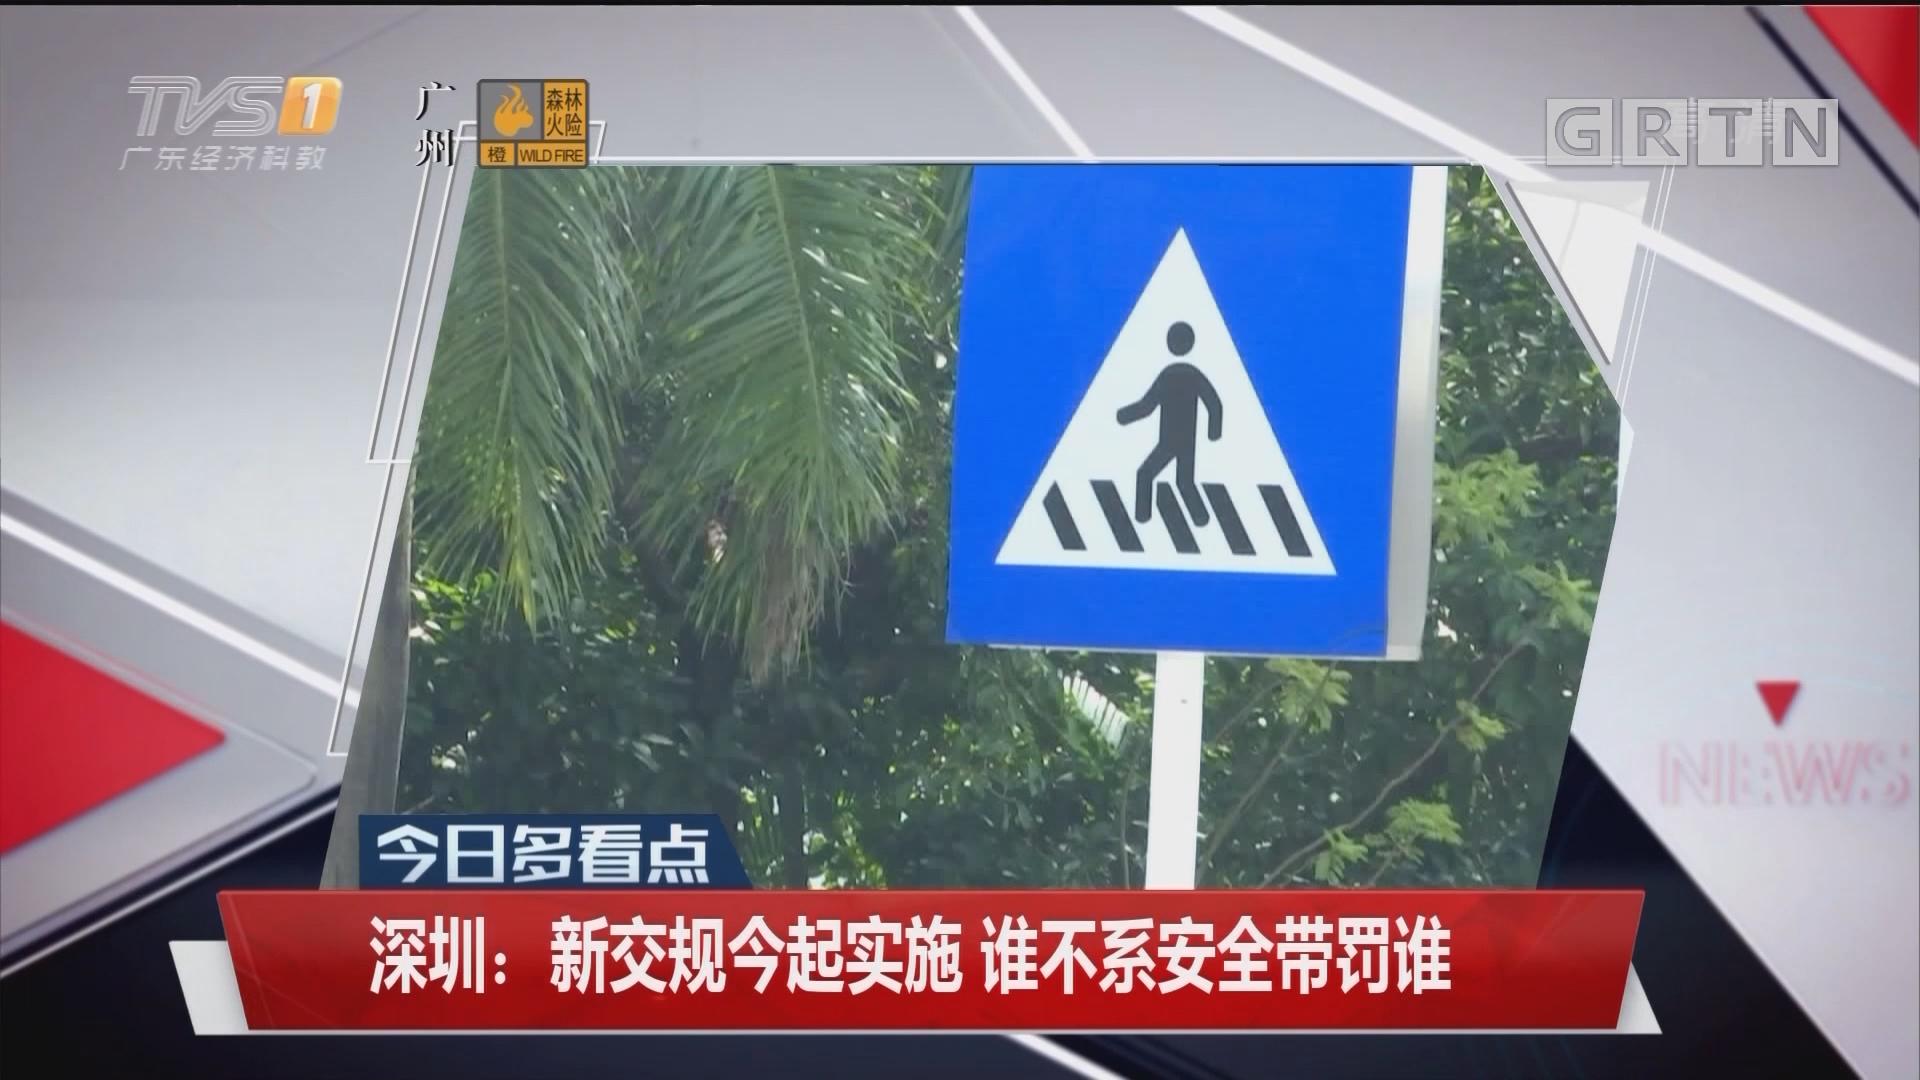 深圳:新交规今起实施 谁不系安全带罚谁